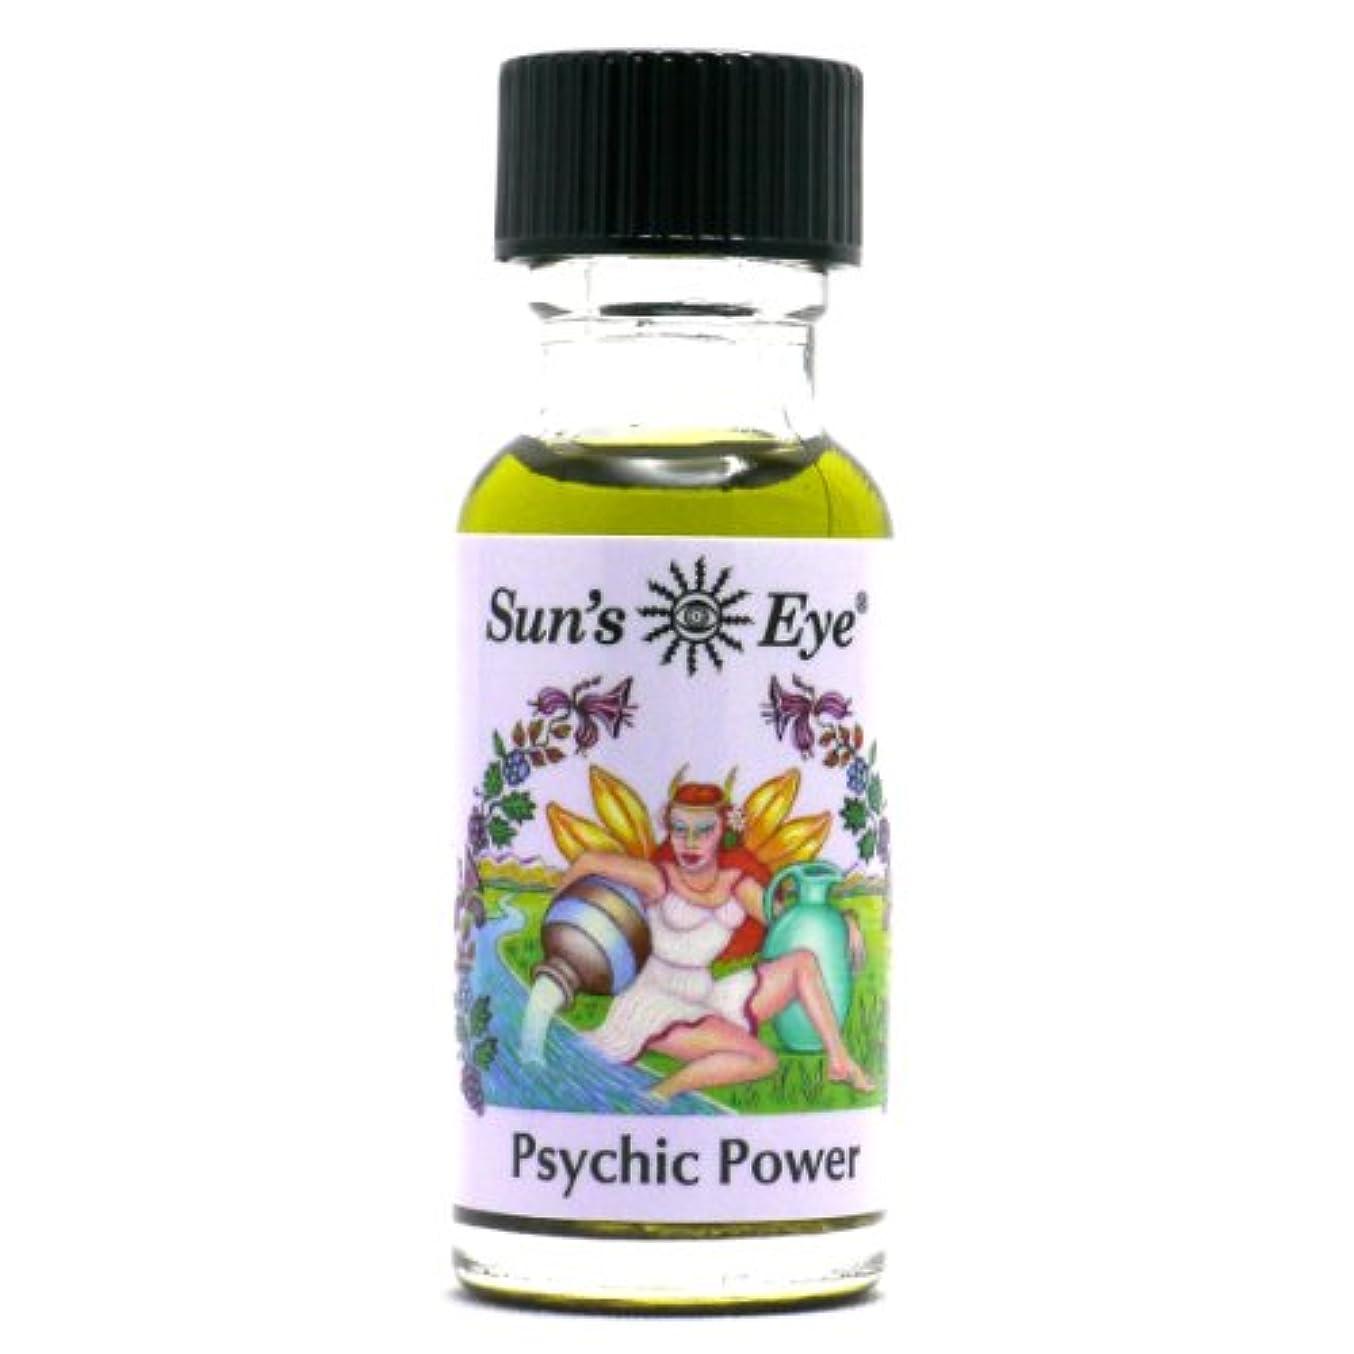 明確にディベートワイヤー【Sun'sEye サンズアイ】Mystic Blends(ミスティックブレンドオイル)Psychic Power(サイキックパワー)